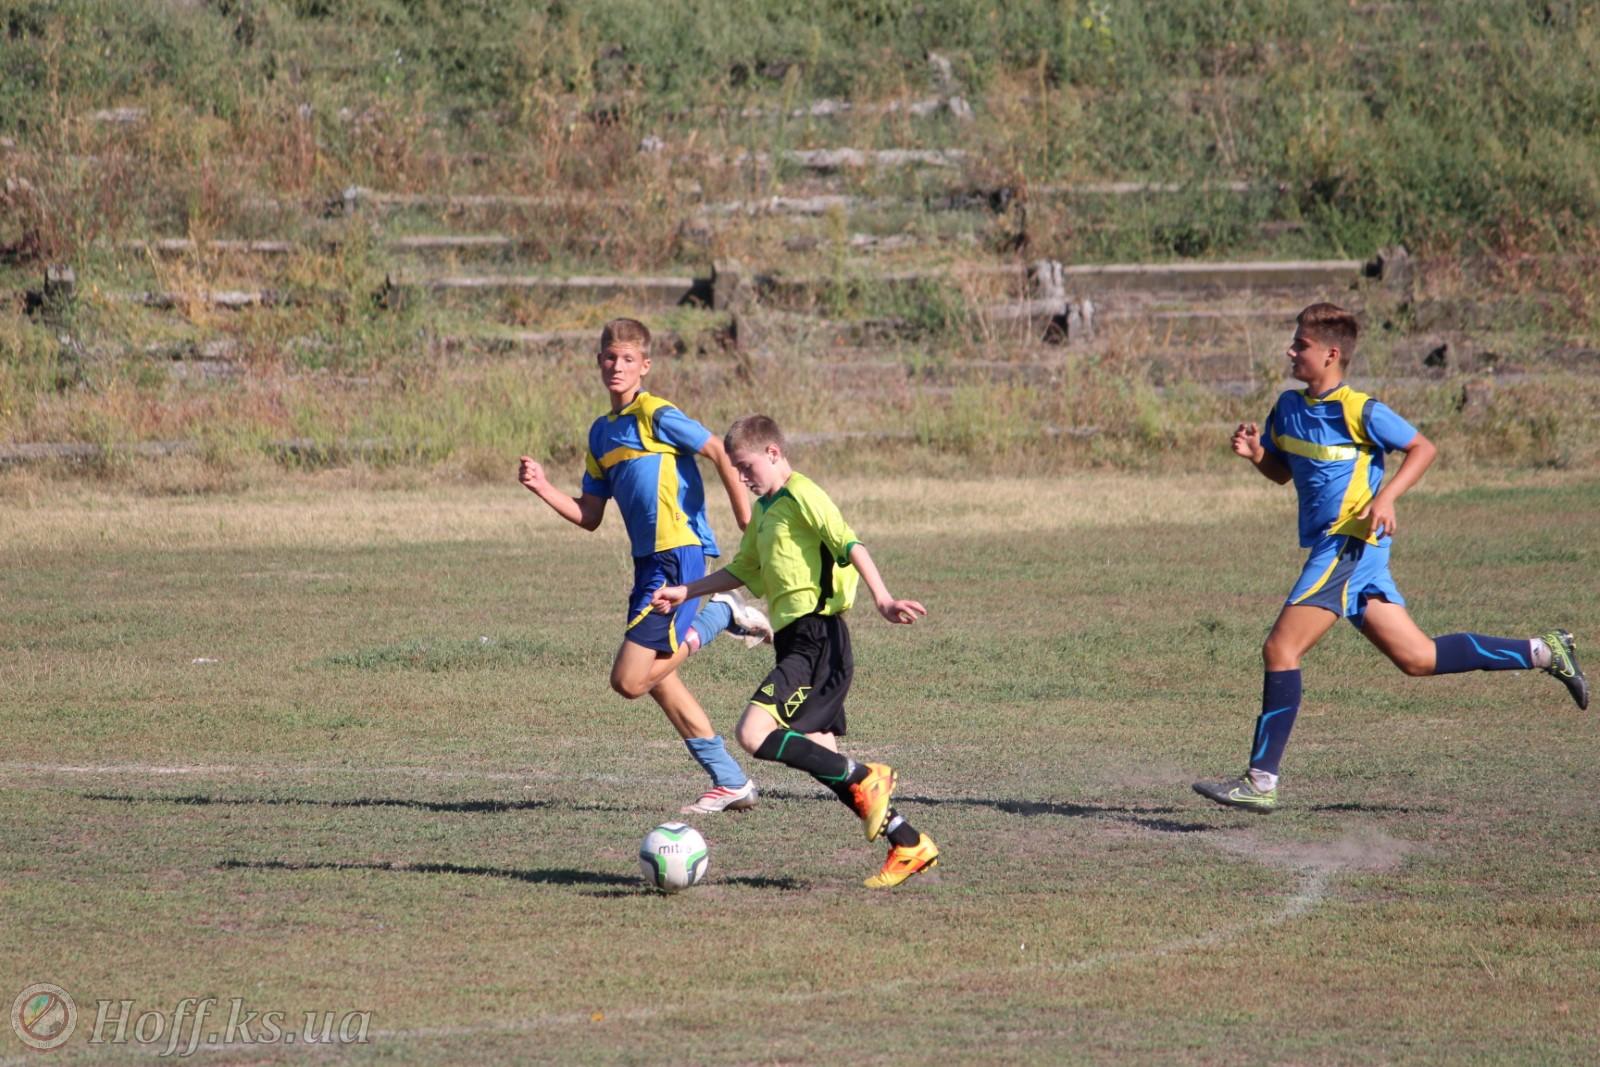 Затверджено календар чемпіонату Херсонської області з футболу серед юнаків 2002/2003, 2004/2005 років народження